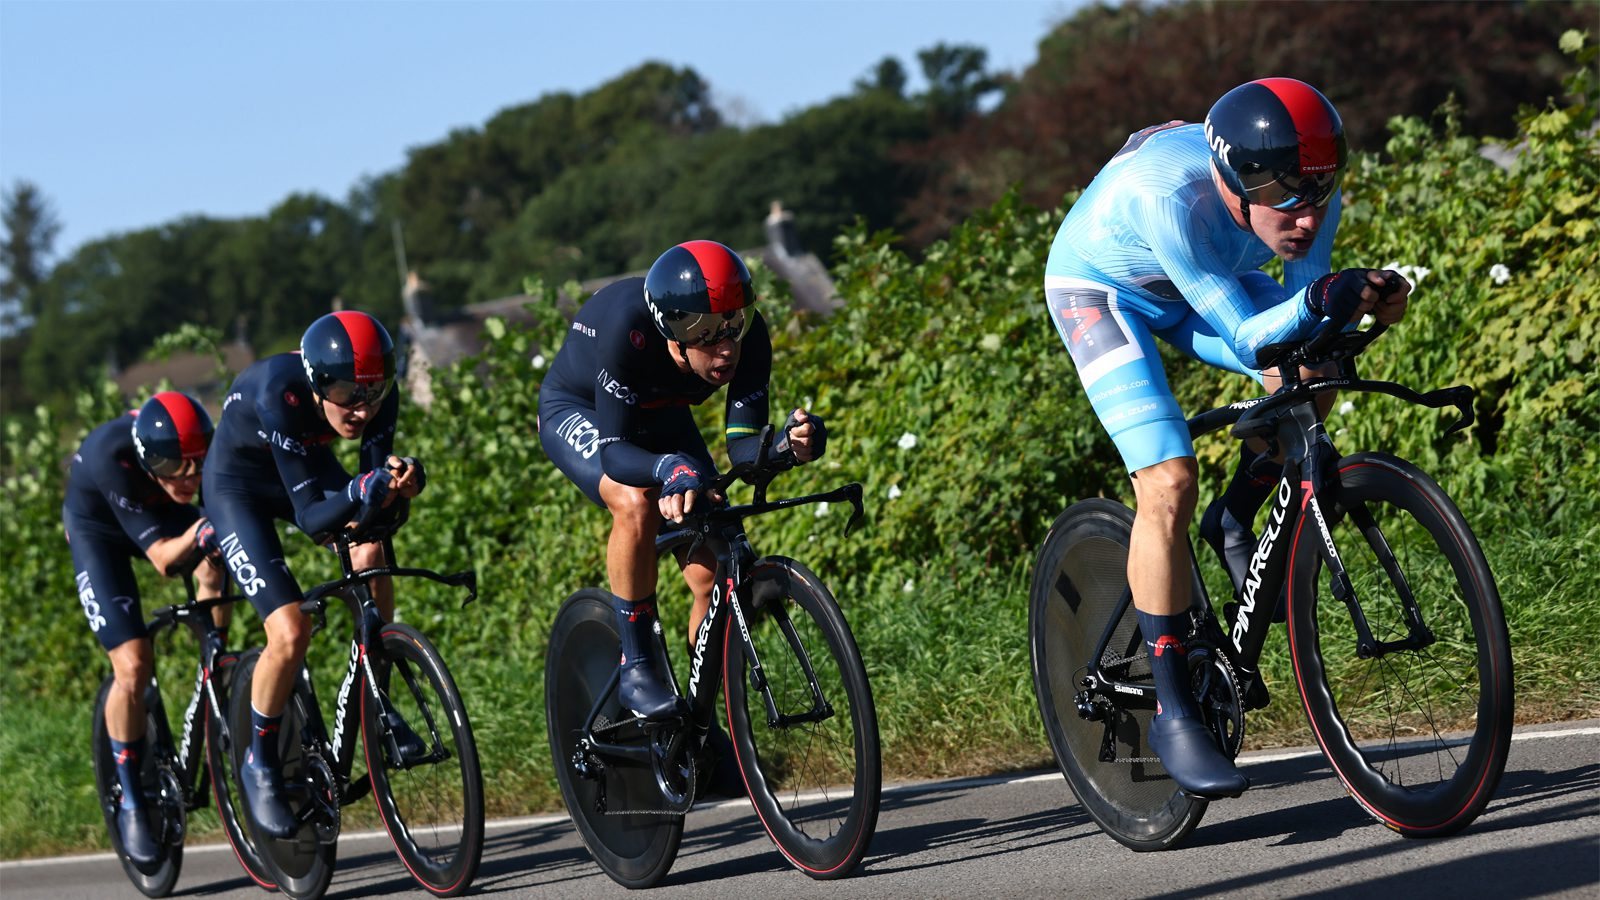 Tour of Britain INEOS